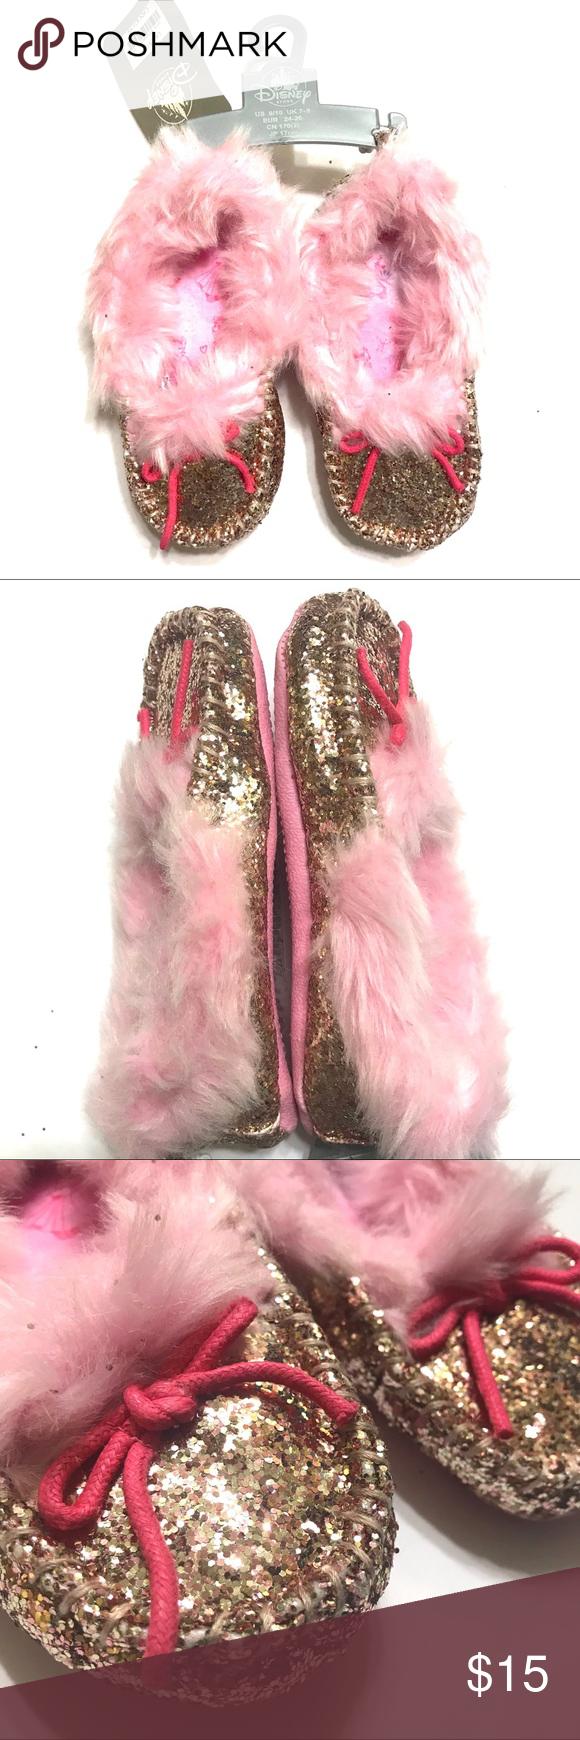 bdc4cf77d24 Disney princess slippers! Super adorable Disney princess slippers! Moccasin  style dipped in glitter!